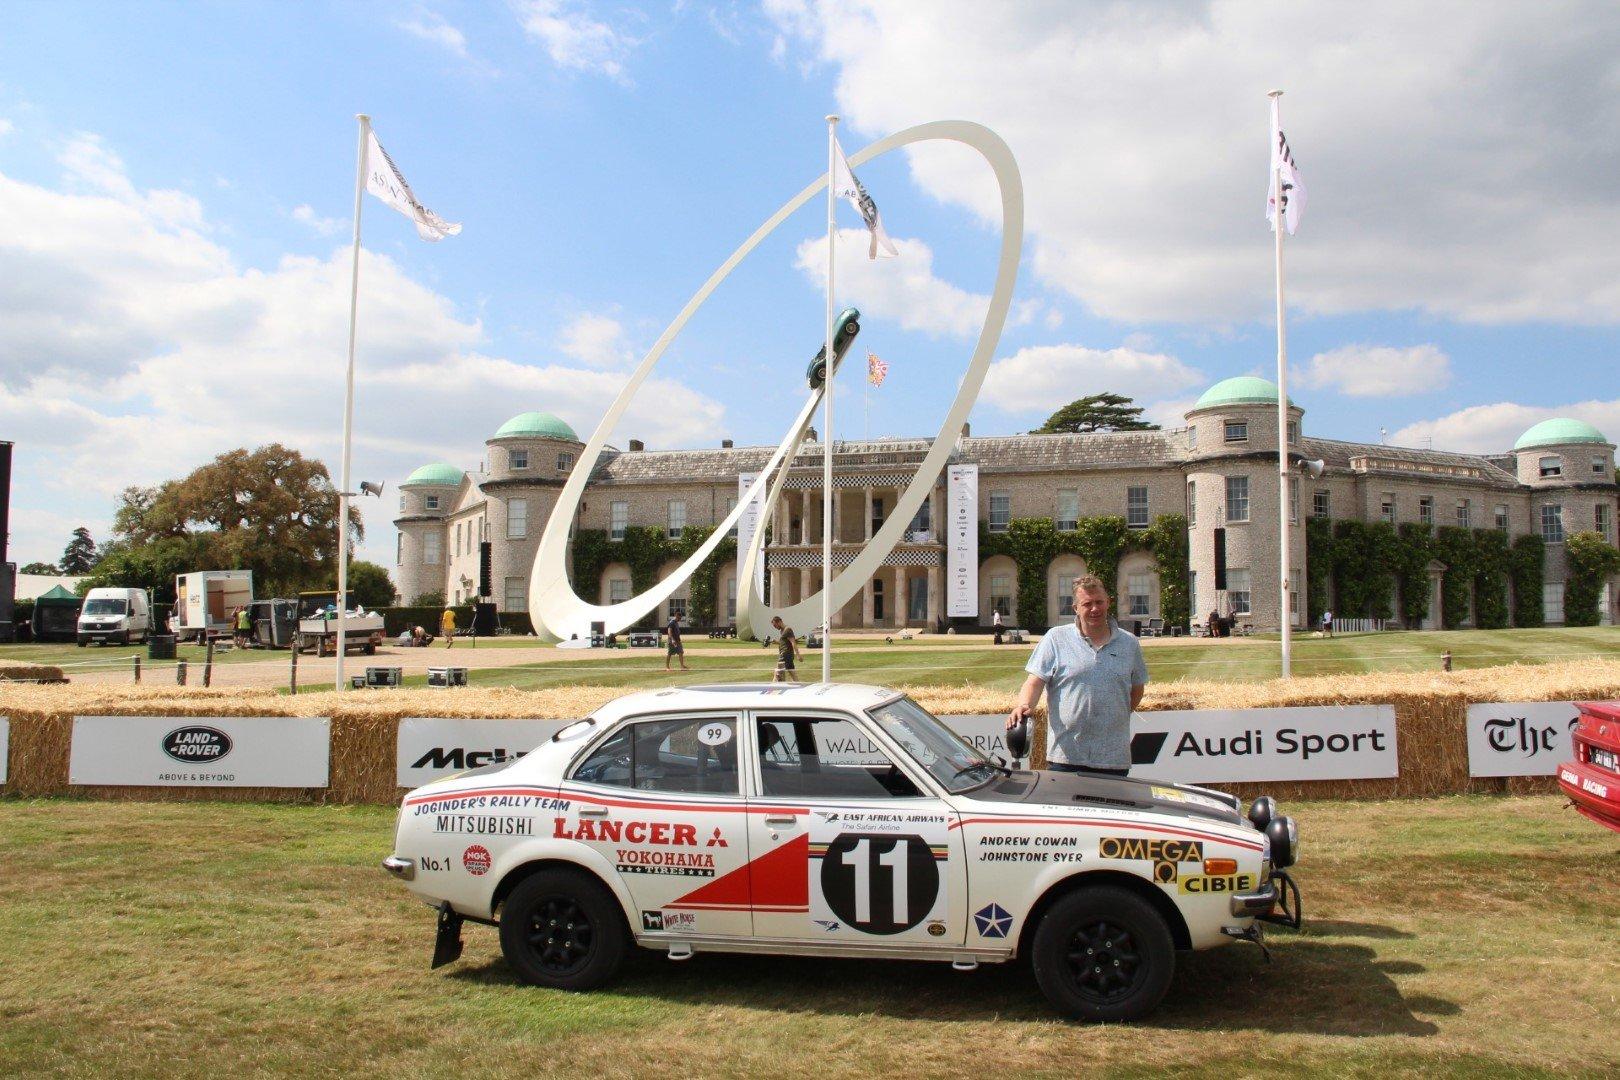 1977 Mitsubishi Lancer 1600 GSR Safari Rally For Sale (picture 3 of 12)